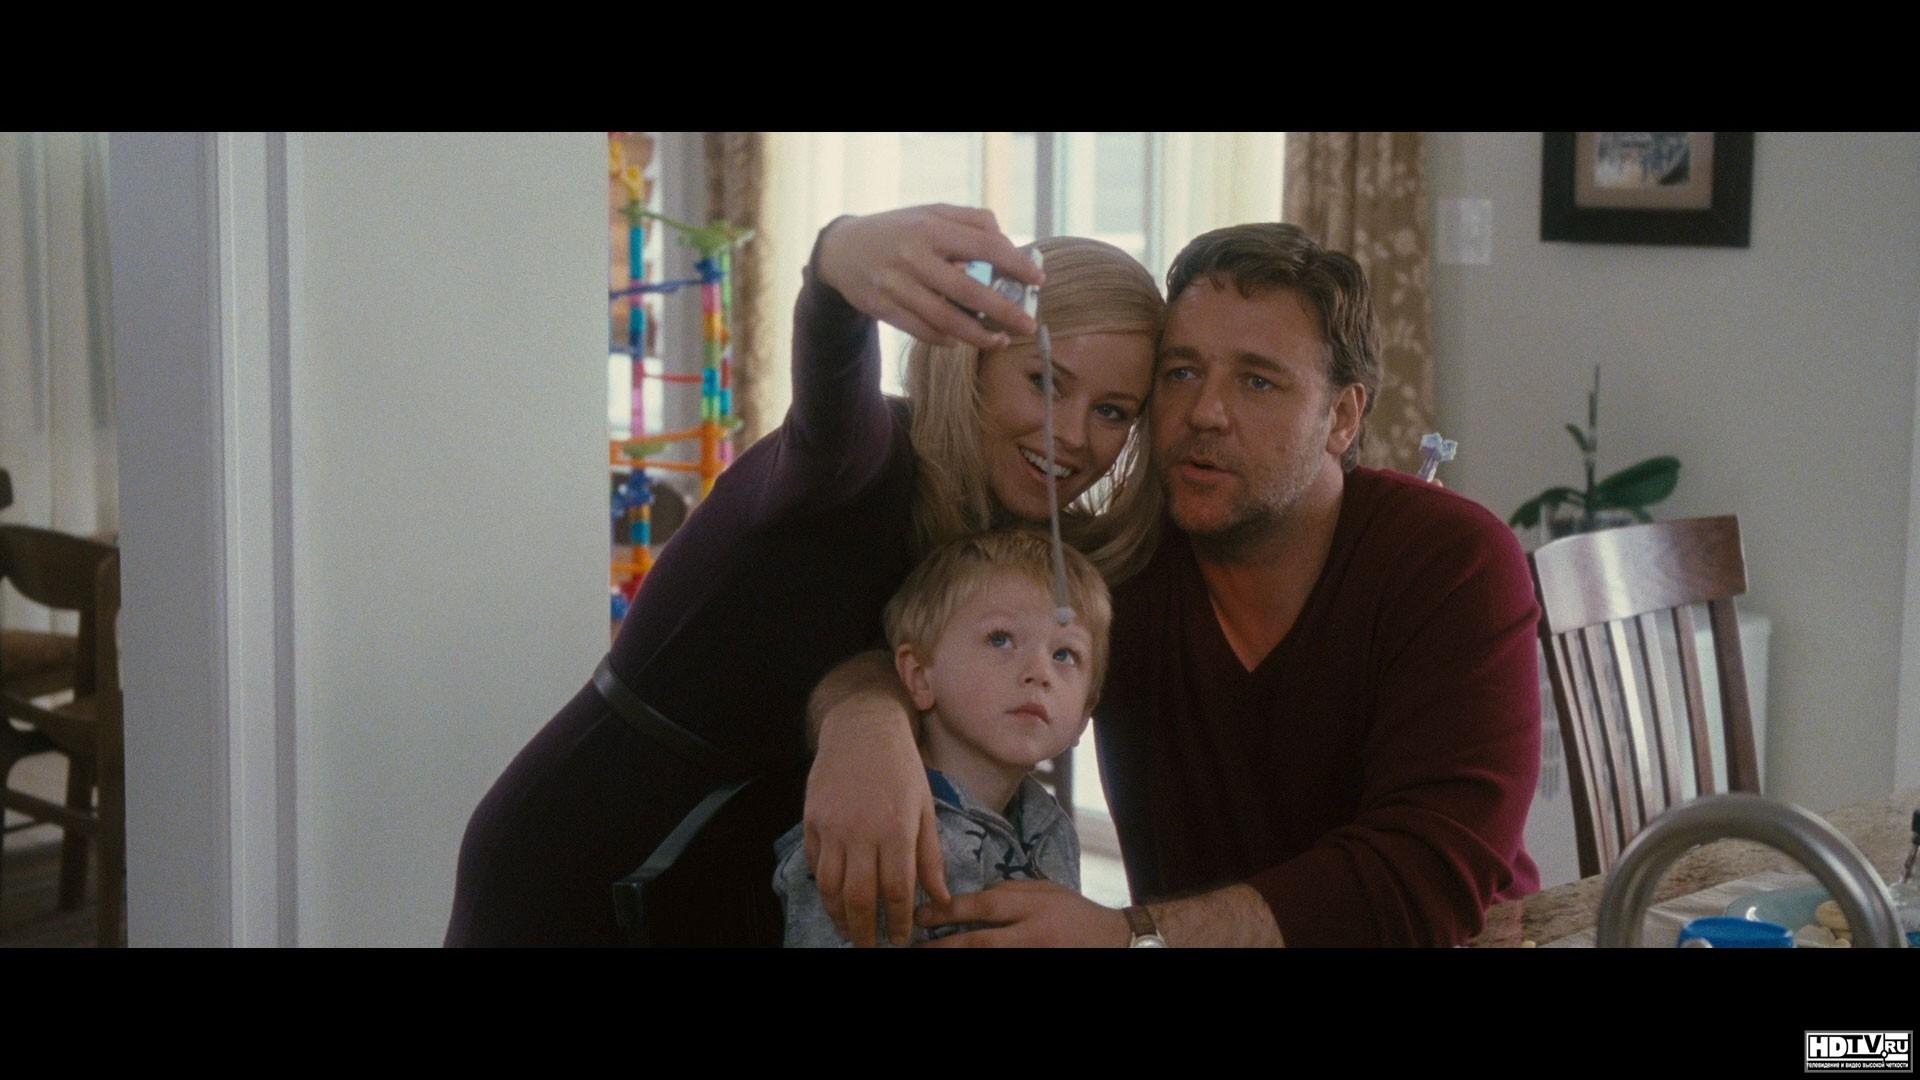 Обзор Blu-Ray диска «Три дня на побег» » HDTV.ru - телевидение и ...